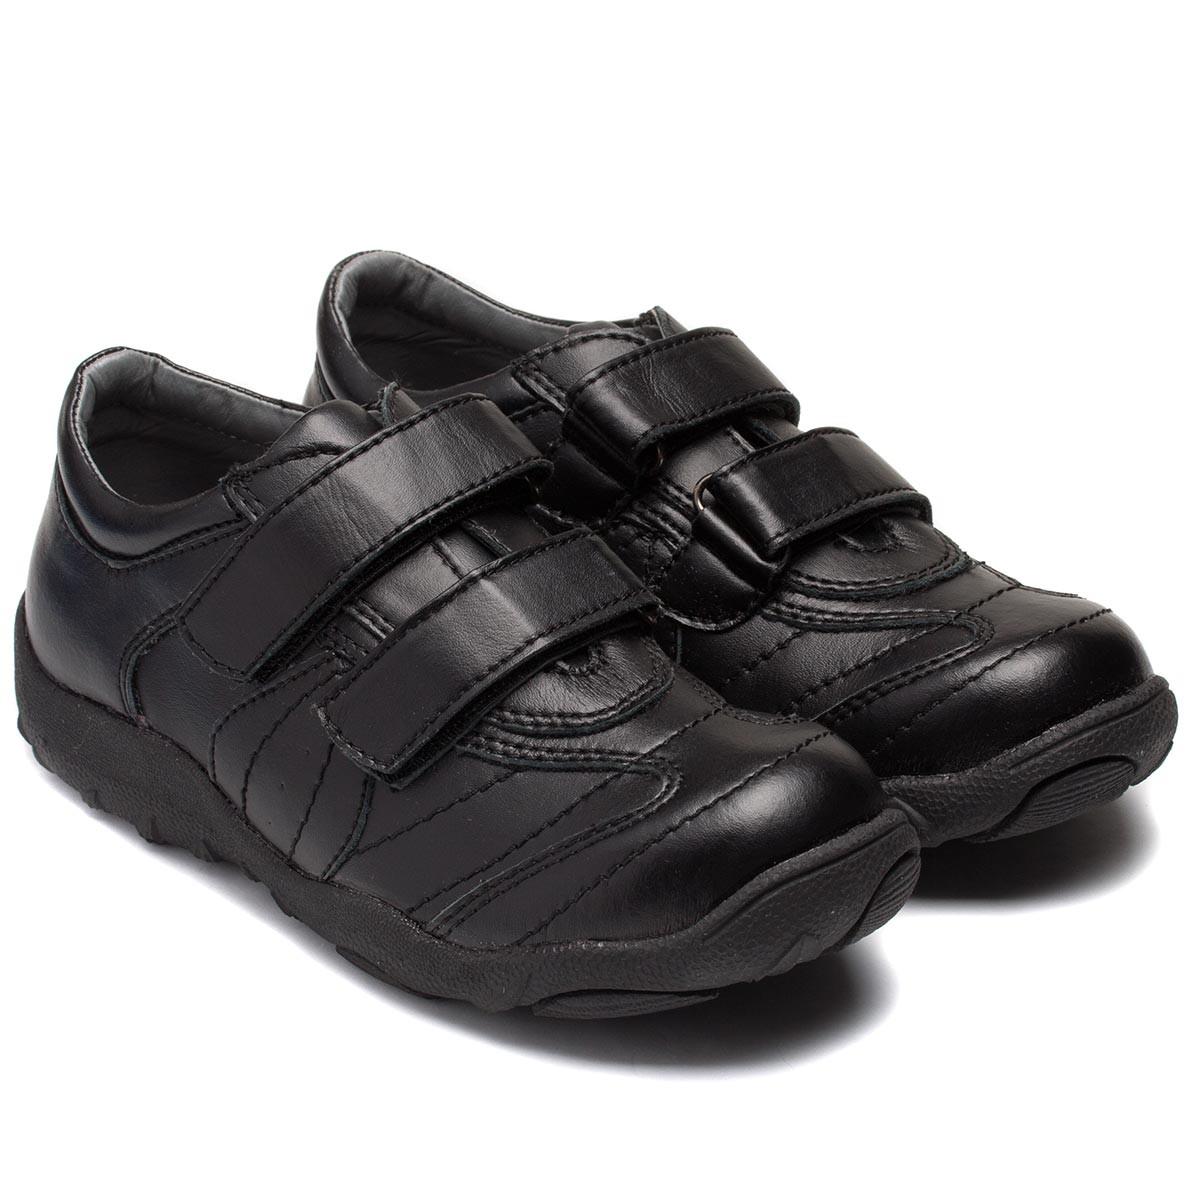 Школьные осенние туфли Nicoboco для мальчиков, на липучках, размер 31-35